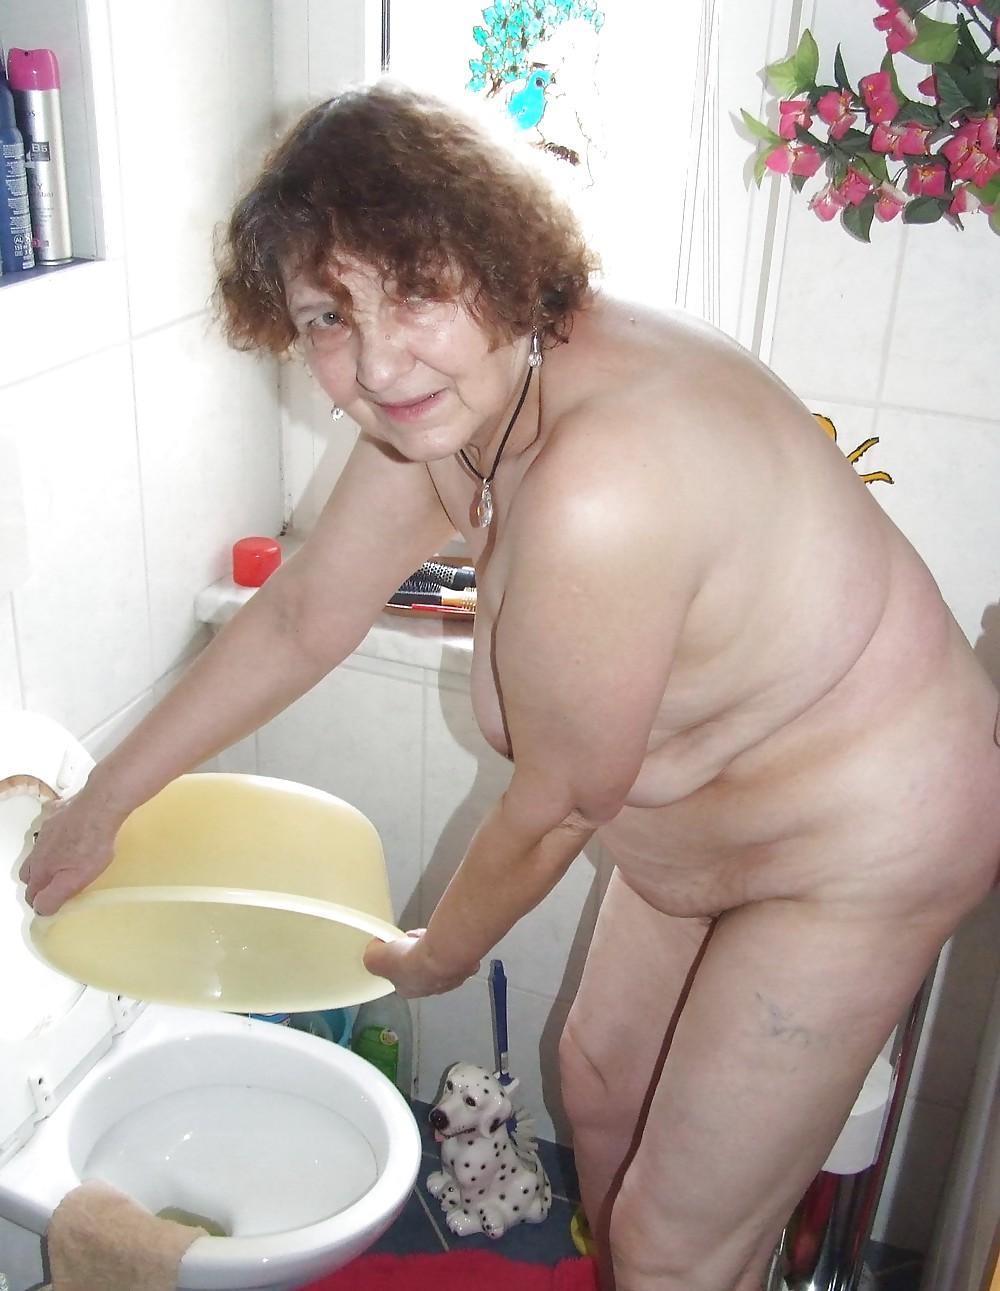 Naked Girls Pics